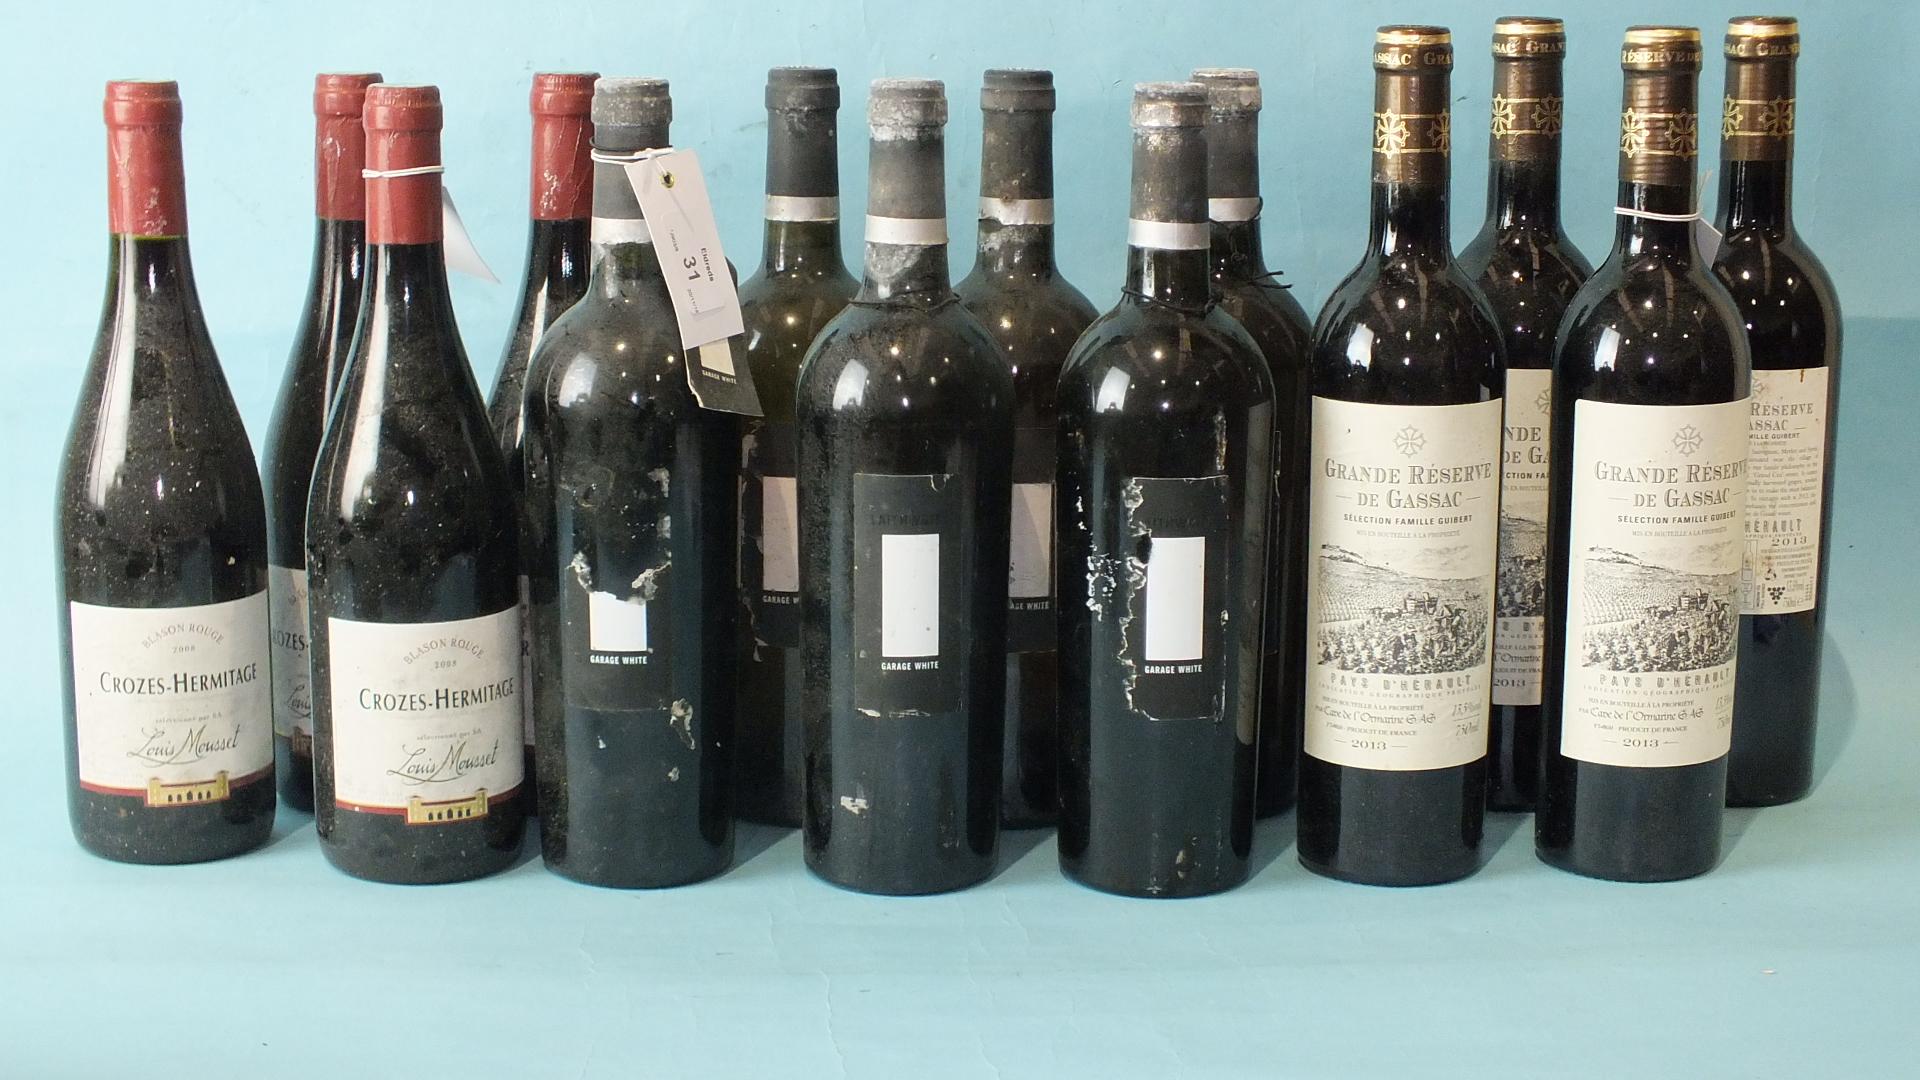 Lot 31 - Crozes - Hermitage Mousset 2008, 4 bottles, Garage white, vin de table, 6 bottles and Reserve de